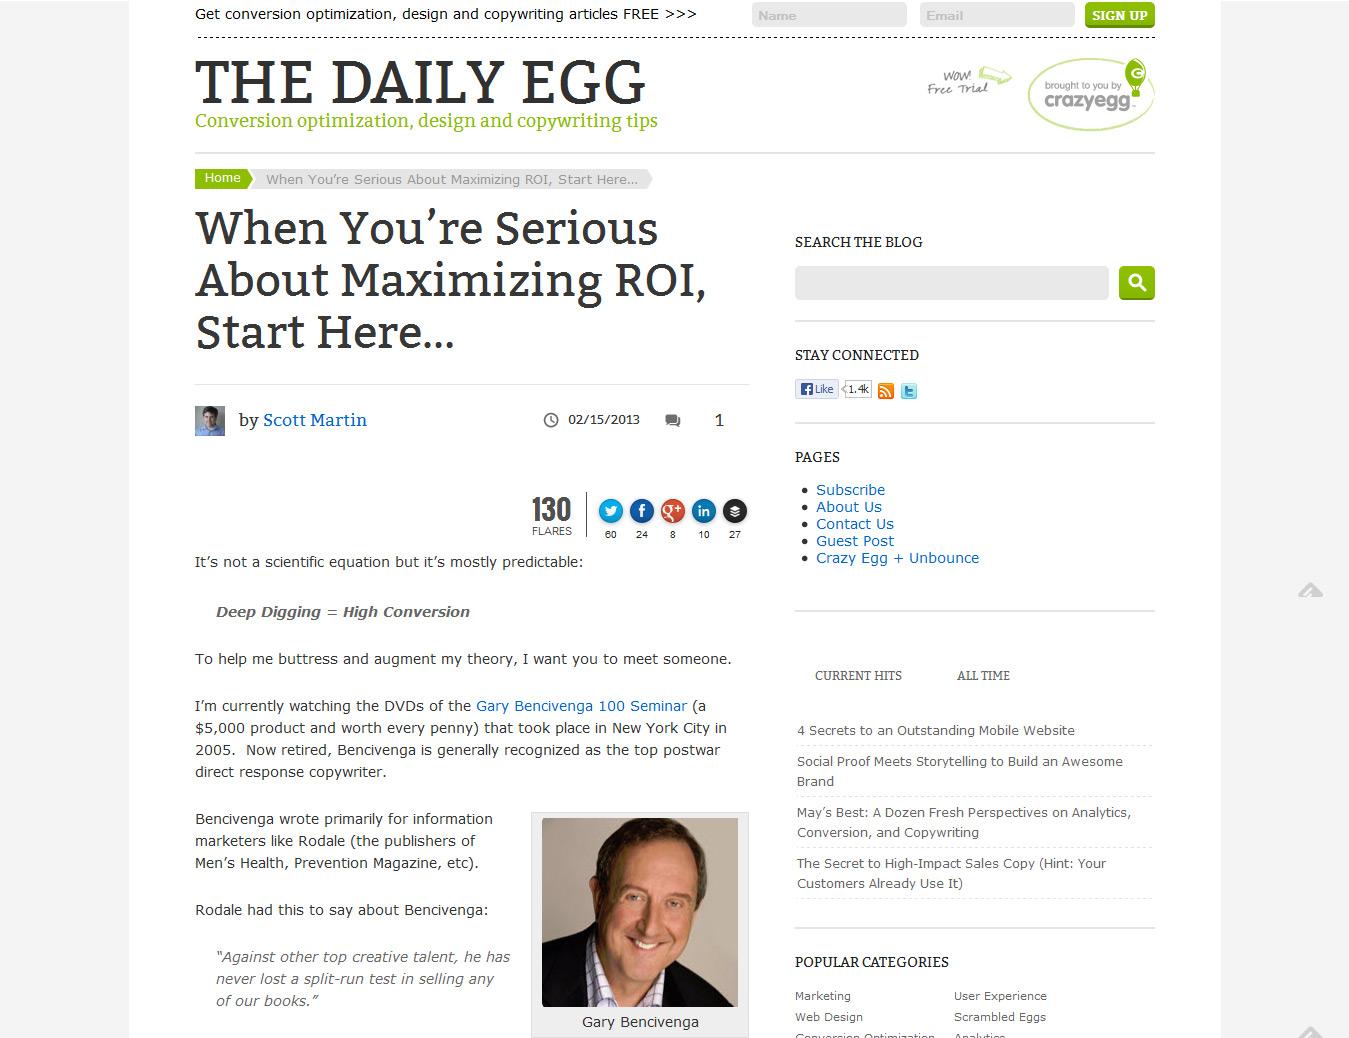 The Crazy Egg